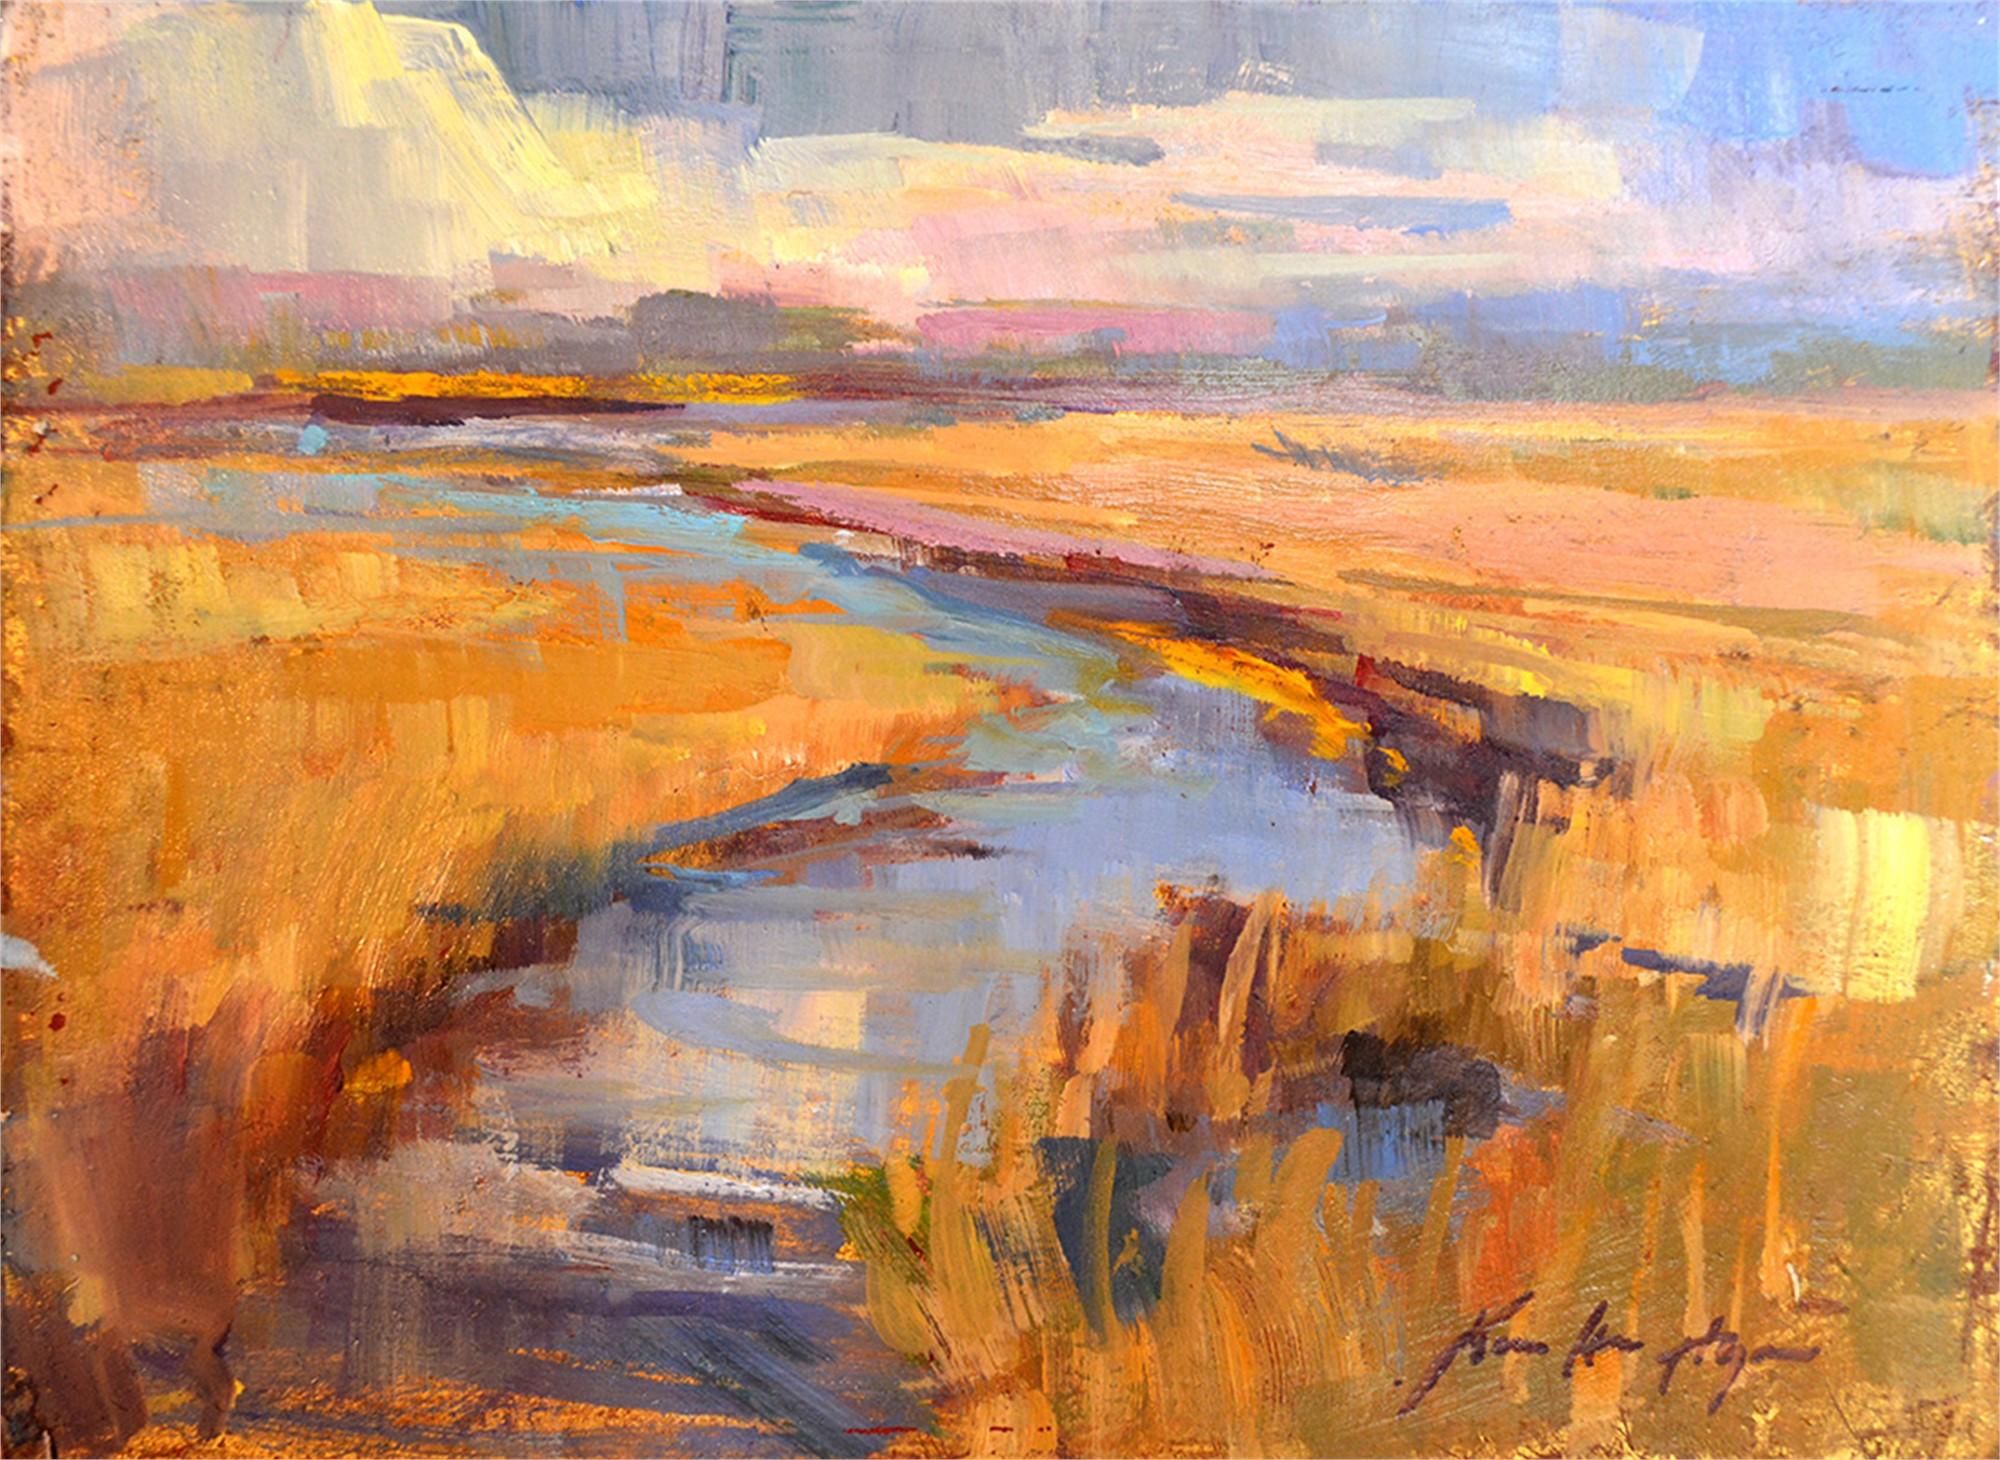 Golden Marsh by Karen Hewitt Hagan